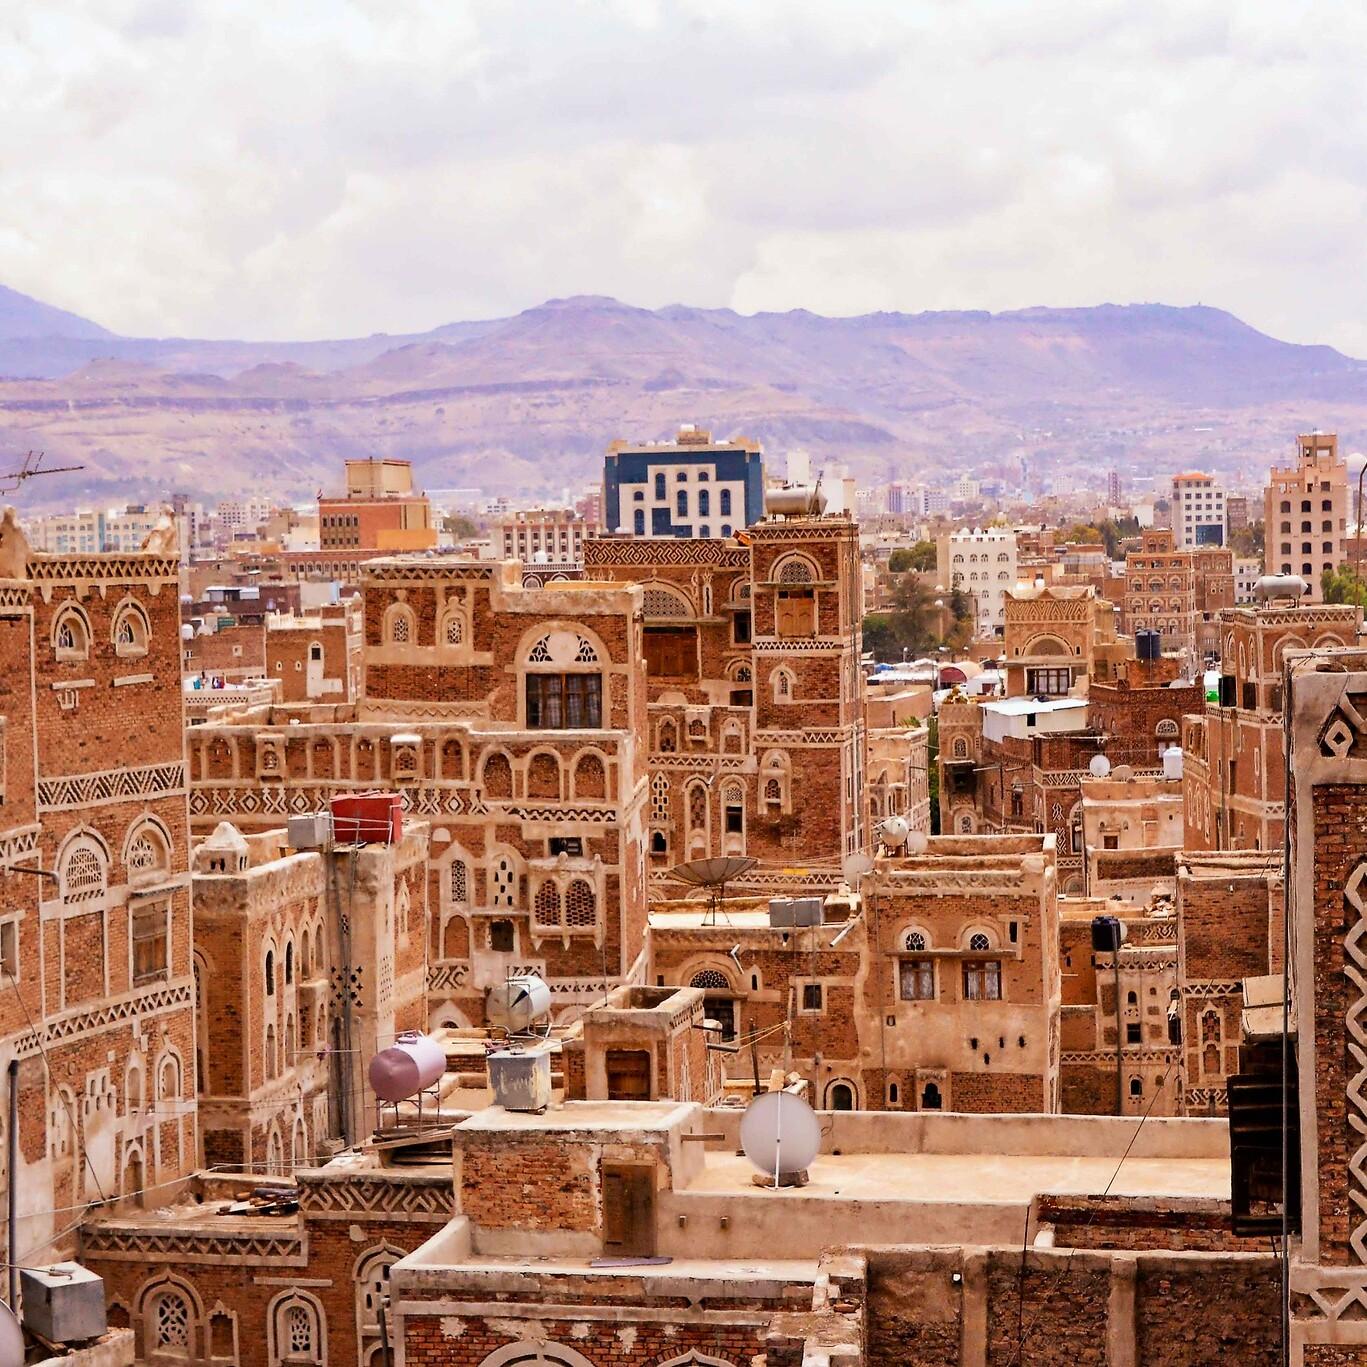 L'Unesco a sostegno del patrimonio culturale yemenita